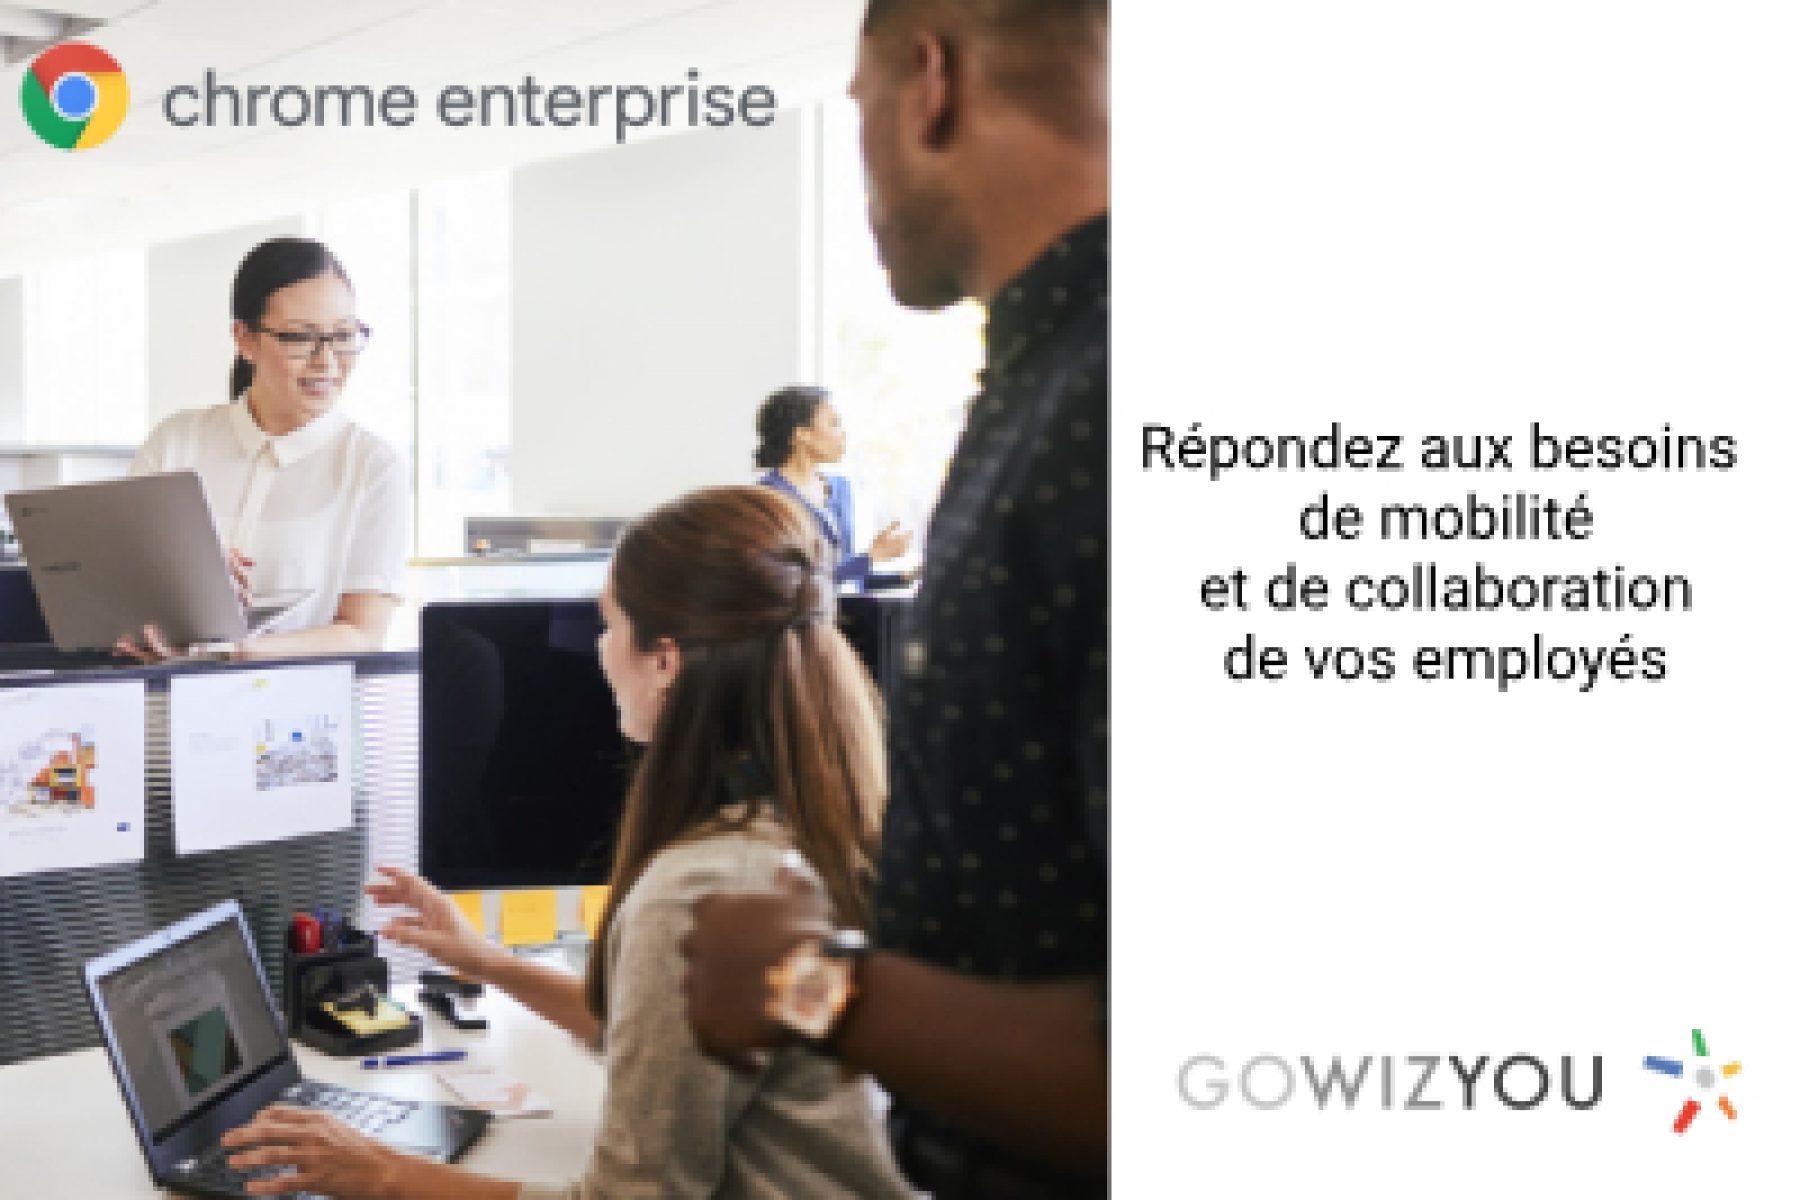 Gowizyou Chrome Entreprise